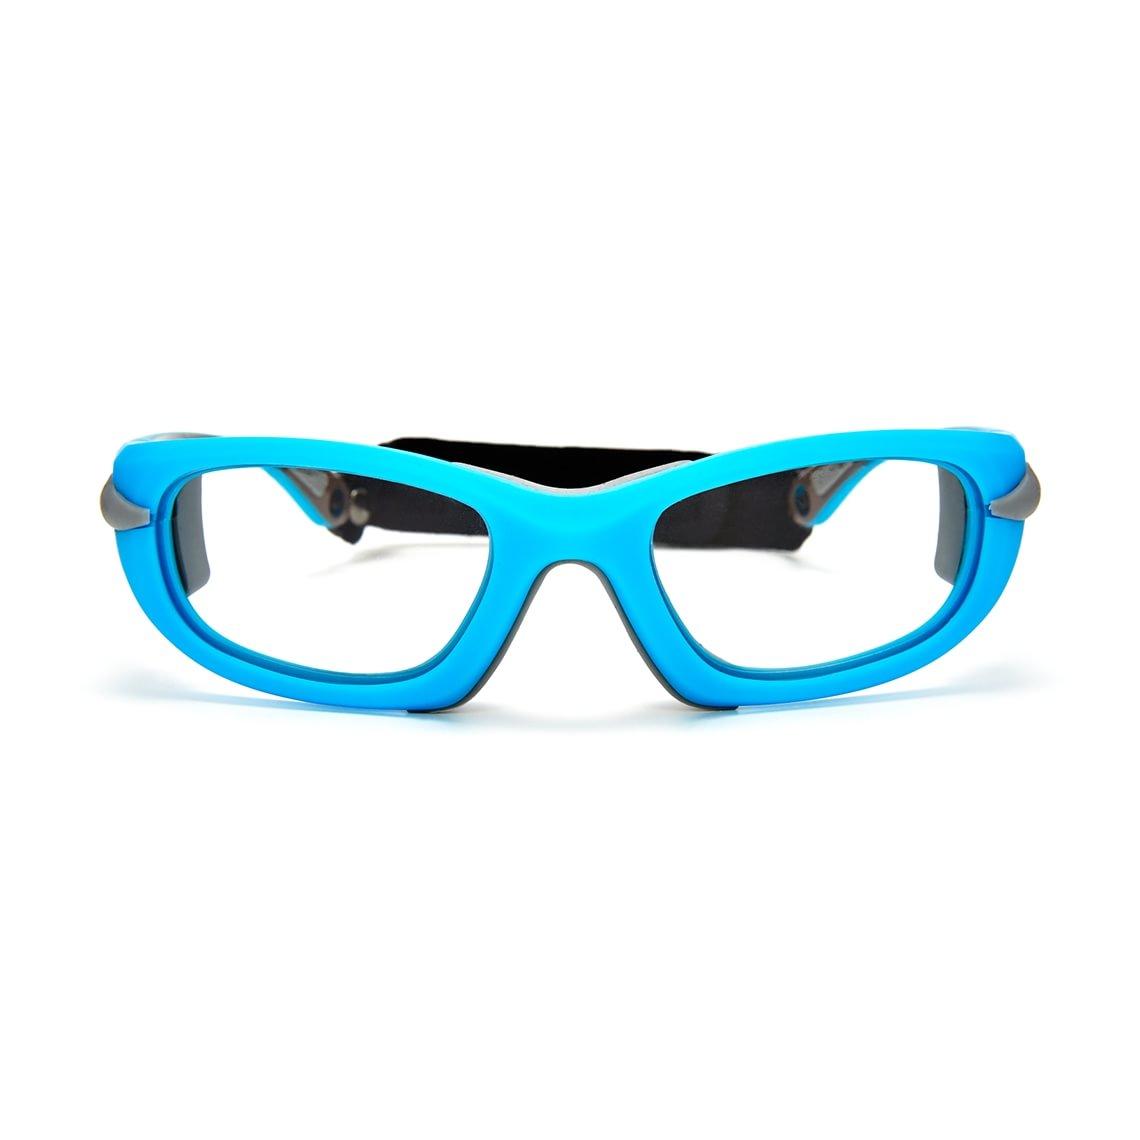 Progear Eyeguard Large EG-L 1030-11